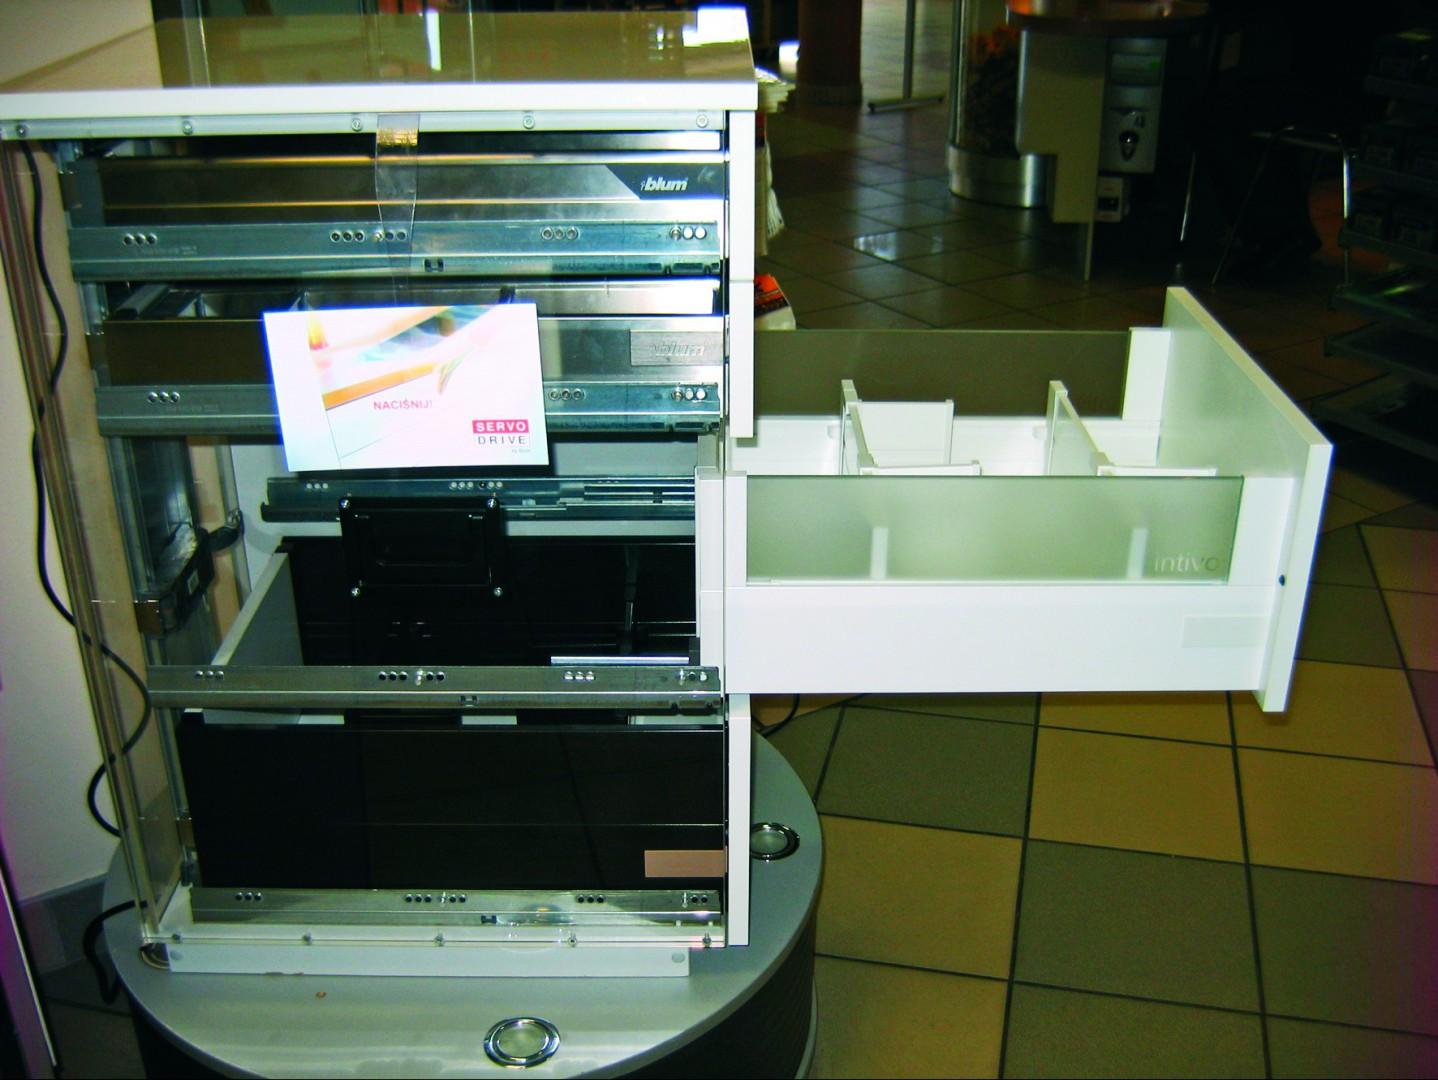 Jeden z systemów prezentowanych projektantom w Białowieży. Fot. Agnieszka Błachowska